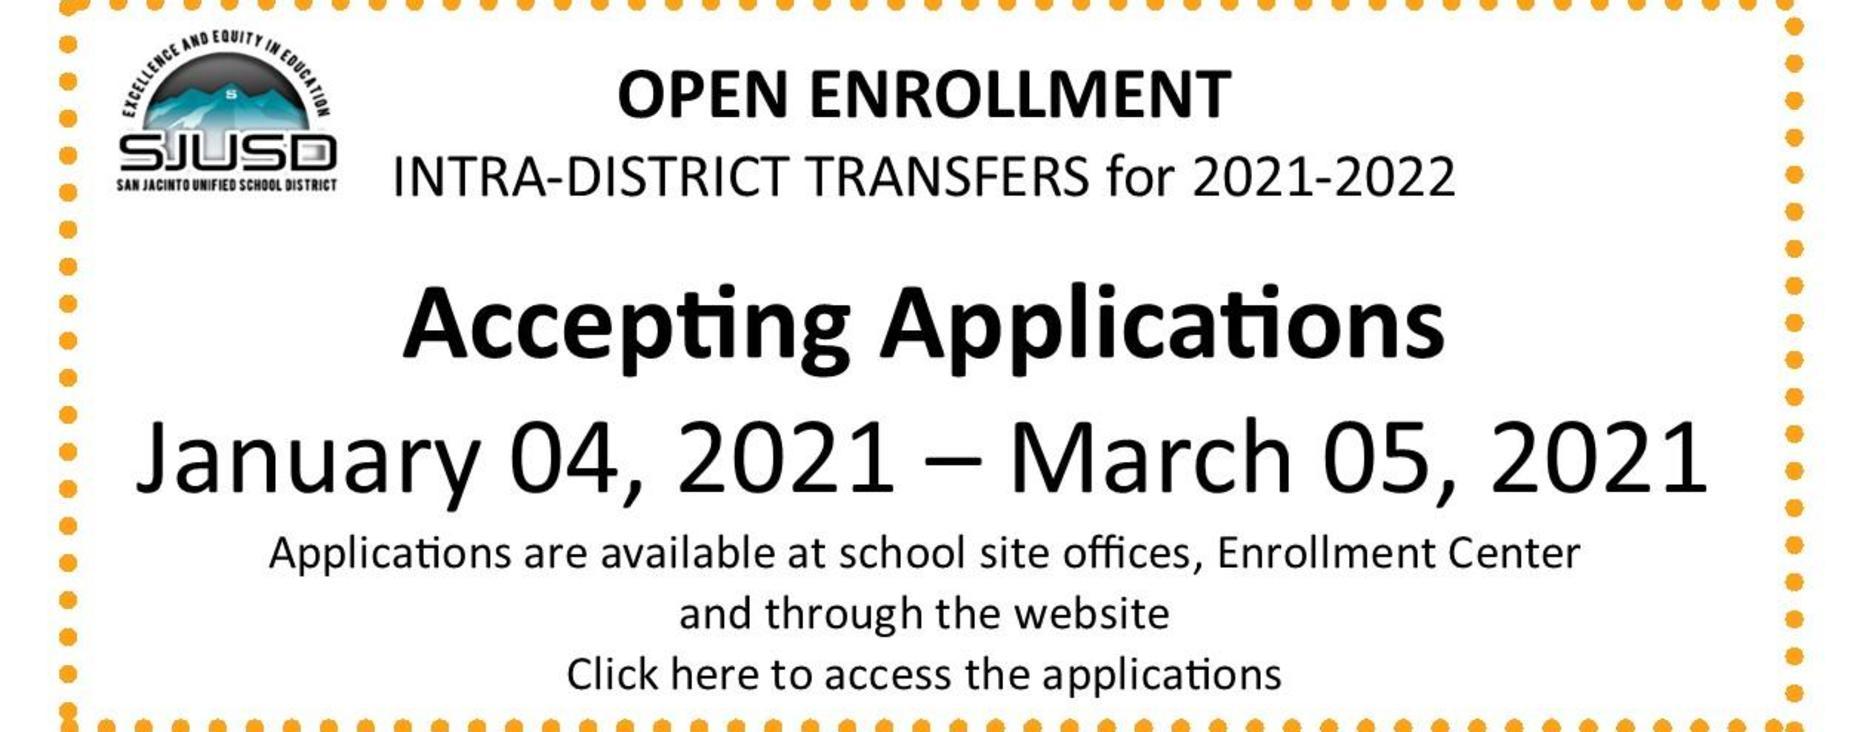 Open enrollment Intradistrict Transfers Jan 4 - March 5, 2021